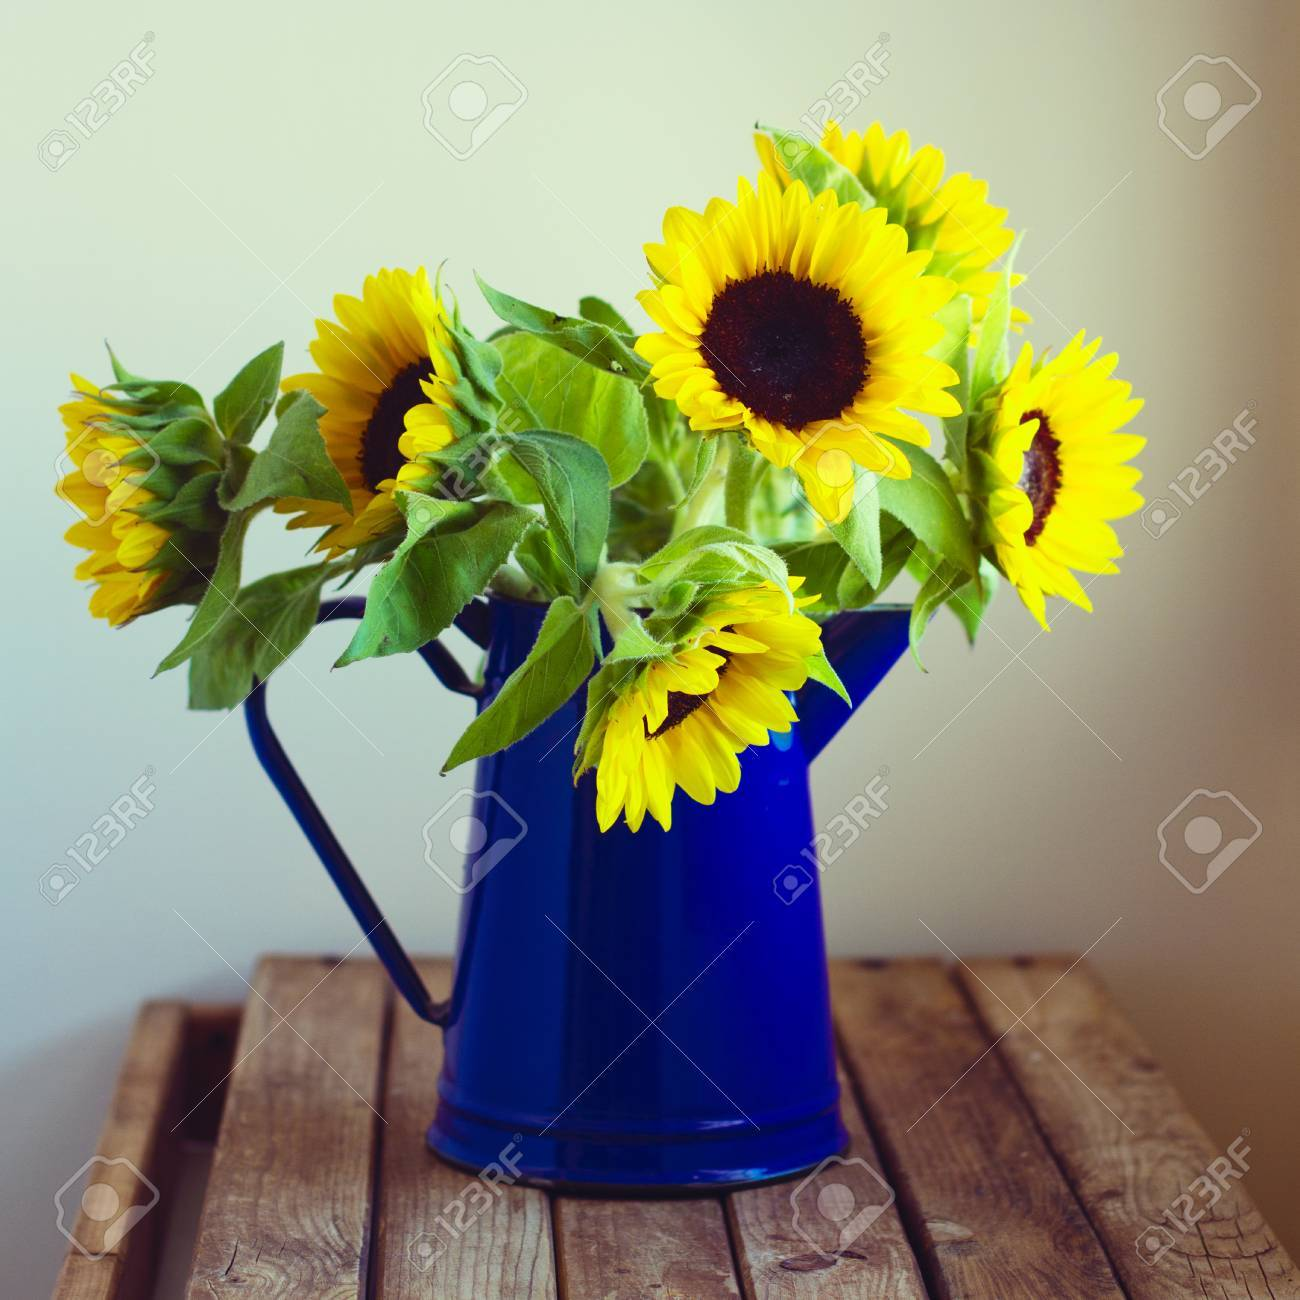 magnifique bouquet de tournesol en émail pichet sur table en bois